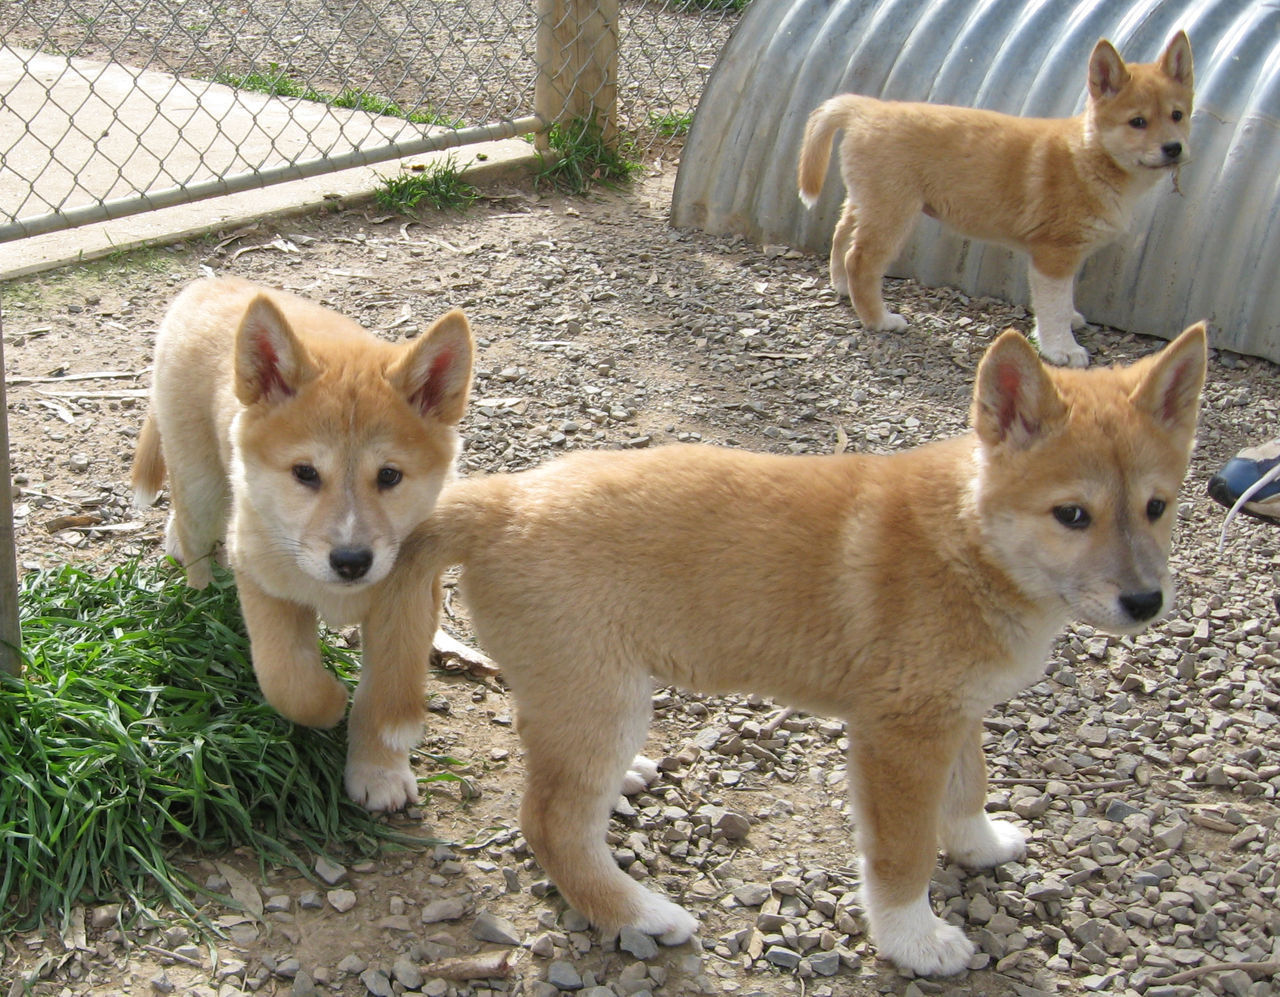 Mltshp - - Babies Babies Dingo Dingo Mltshp Dingo Babies